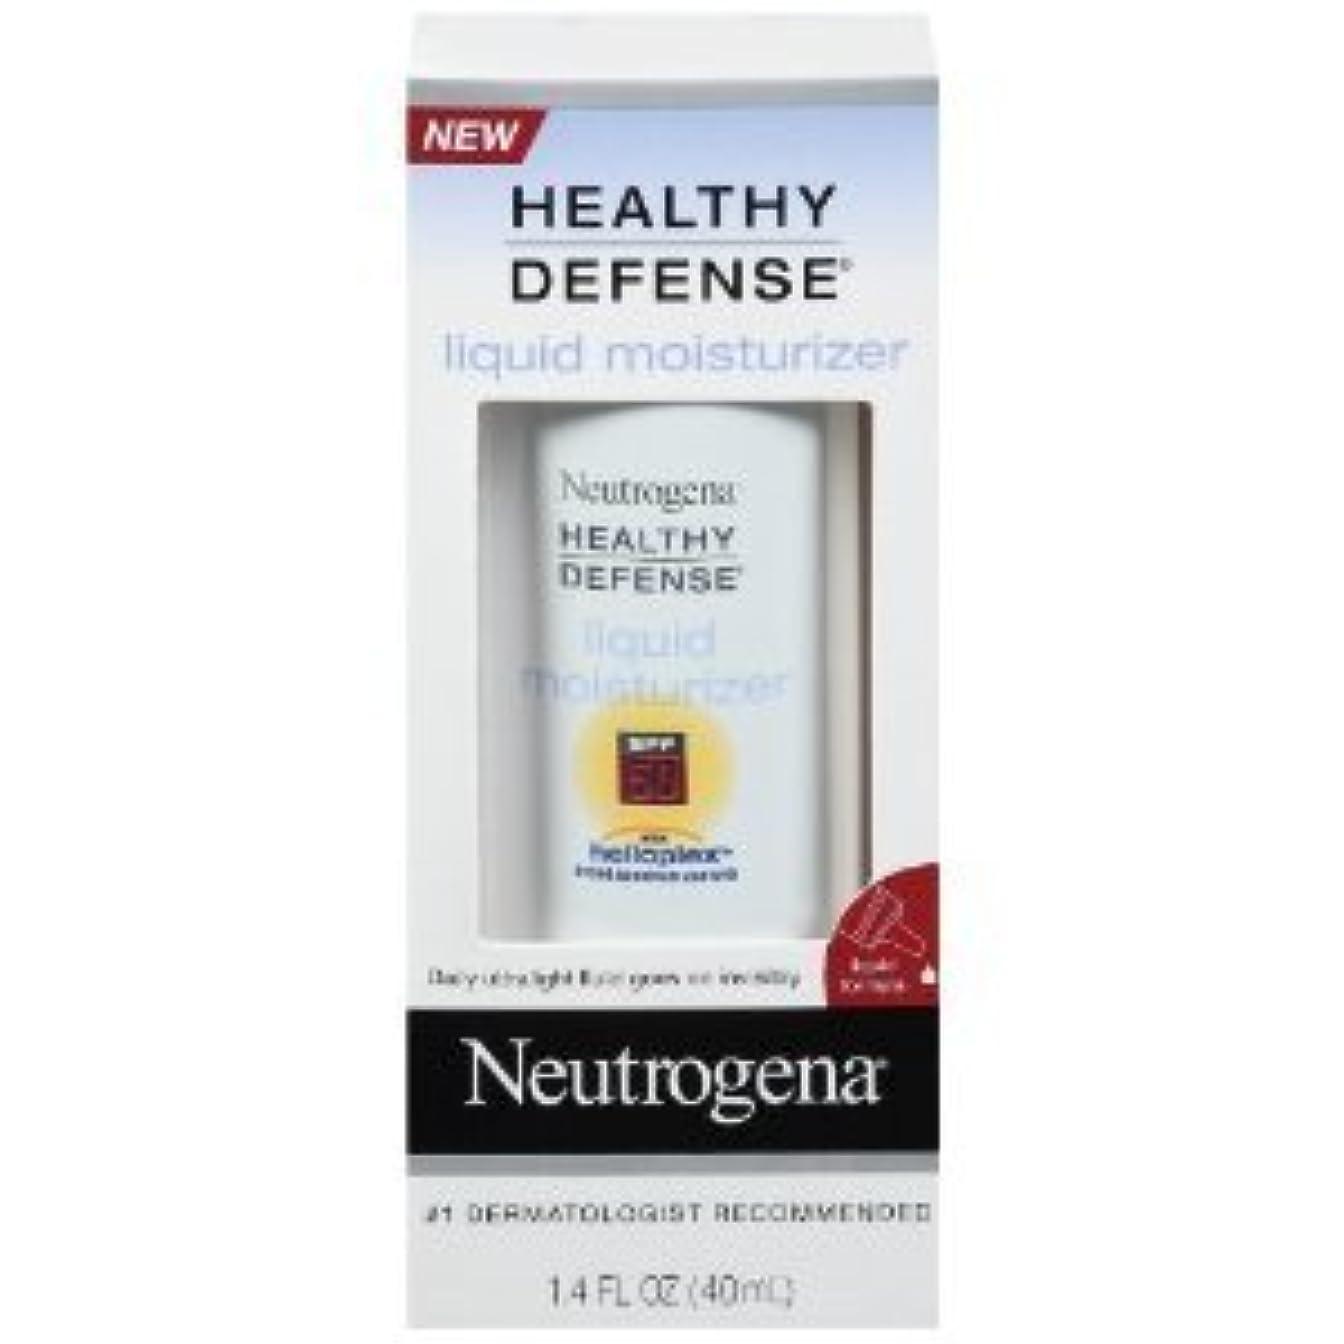 デイジー置くためにパックハイキングに行くニュートロジーナ SPF50 ヘルシーディフェンス デイリーモイスチャライザー(ヘリオプレックス) Neutrogena Healthy Defense Daily Moisturizer with Helioplex...